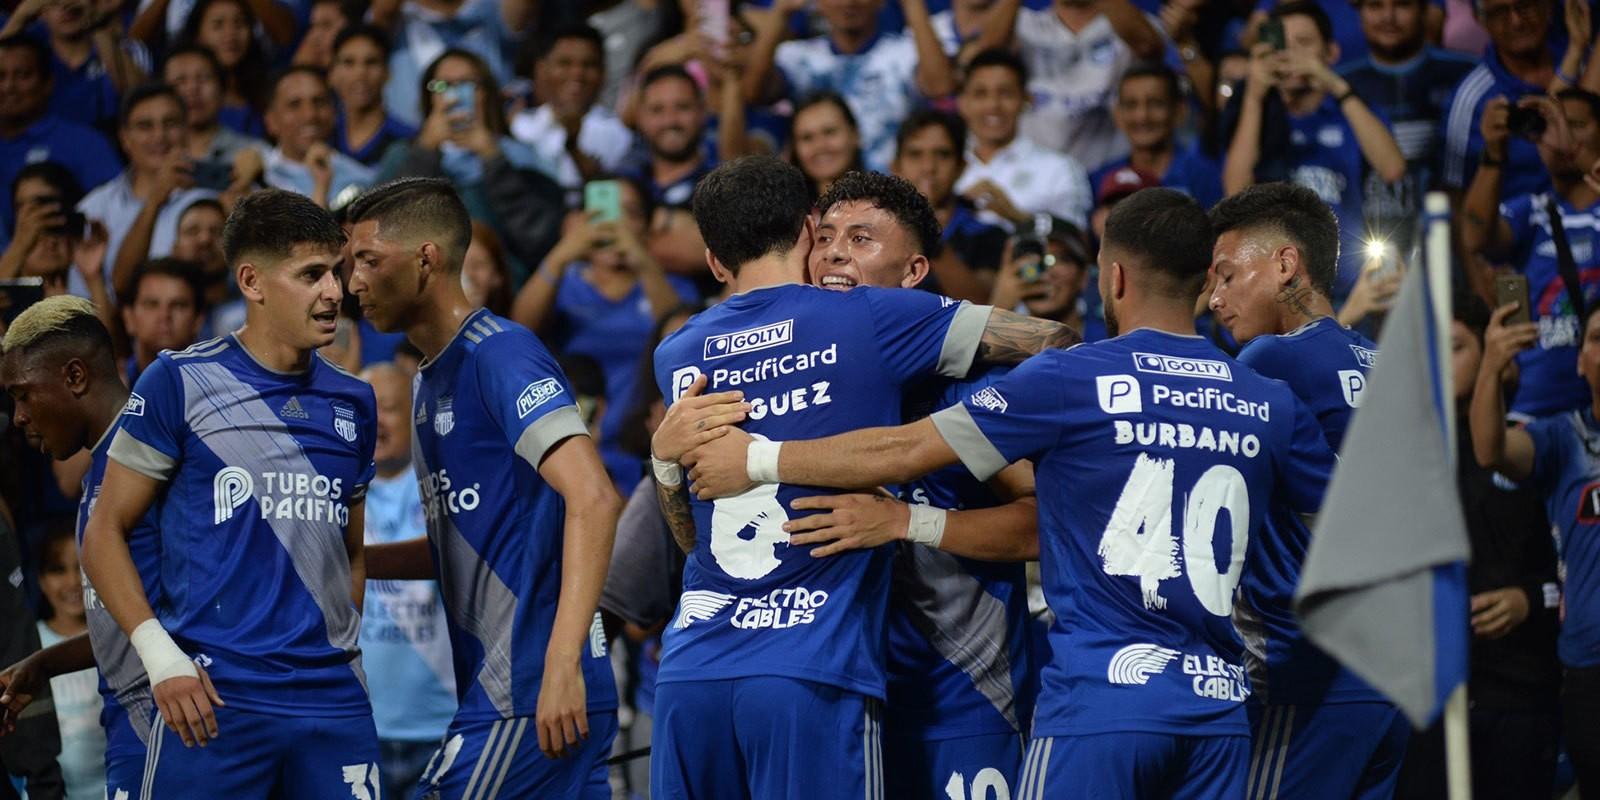 Se inicia la Copa Sudamericana: Emelec quiere pisar fuerte en el debut